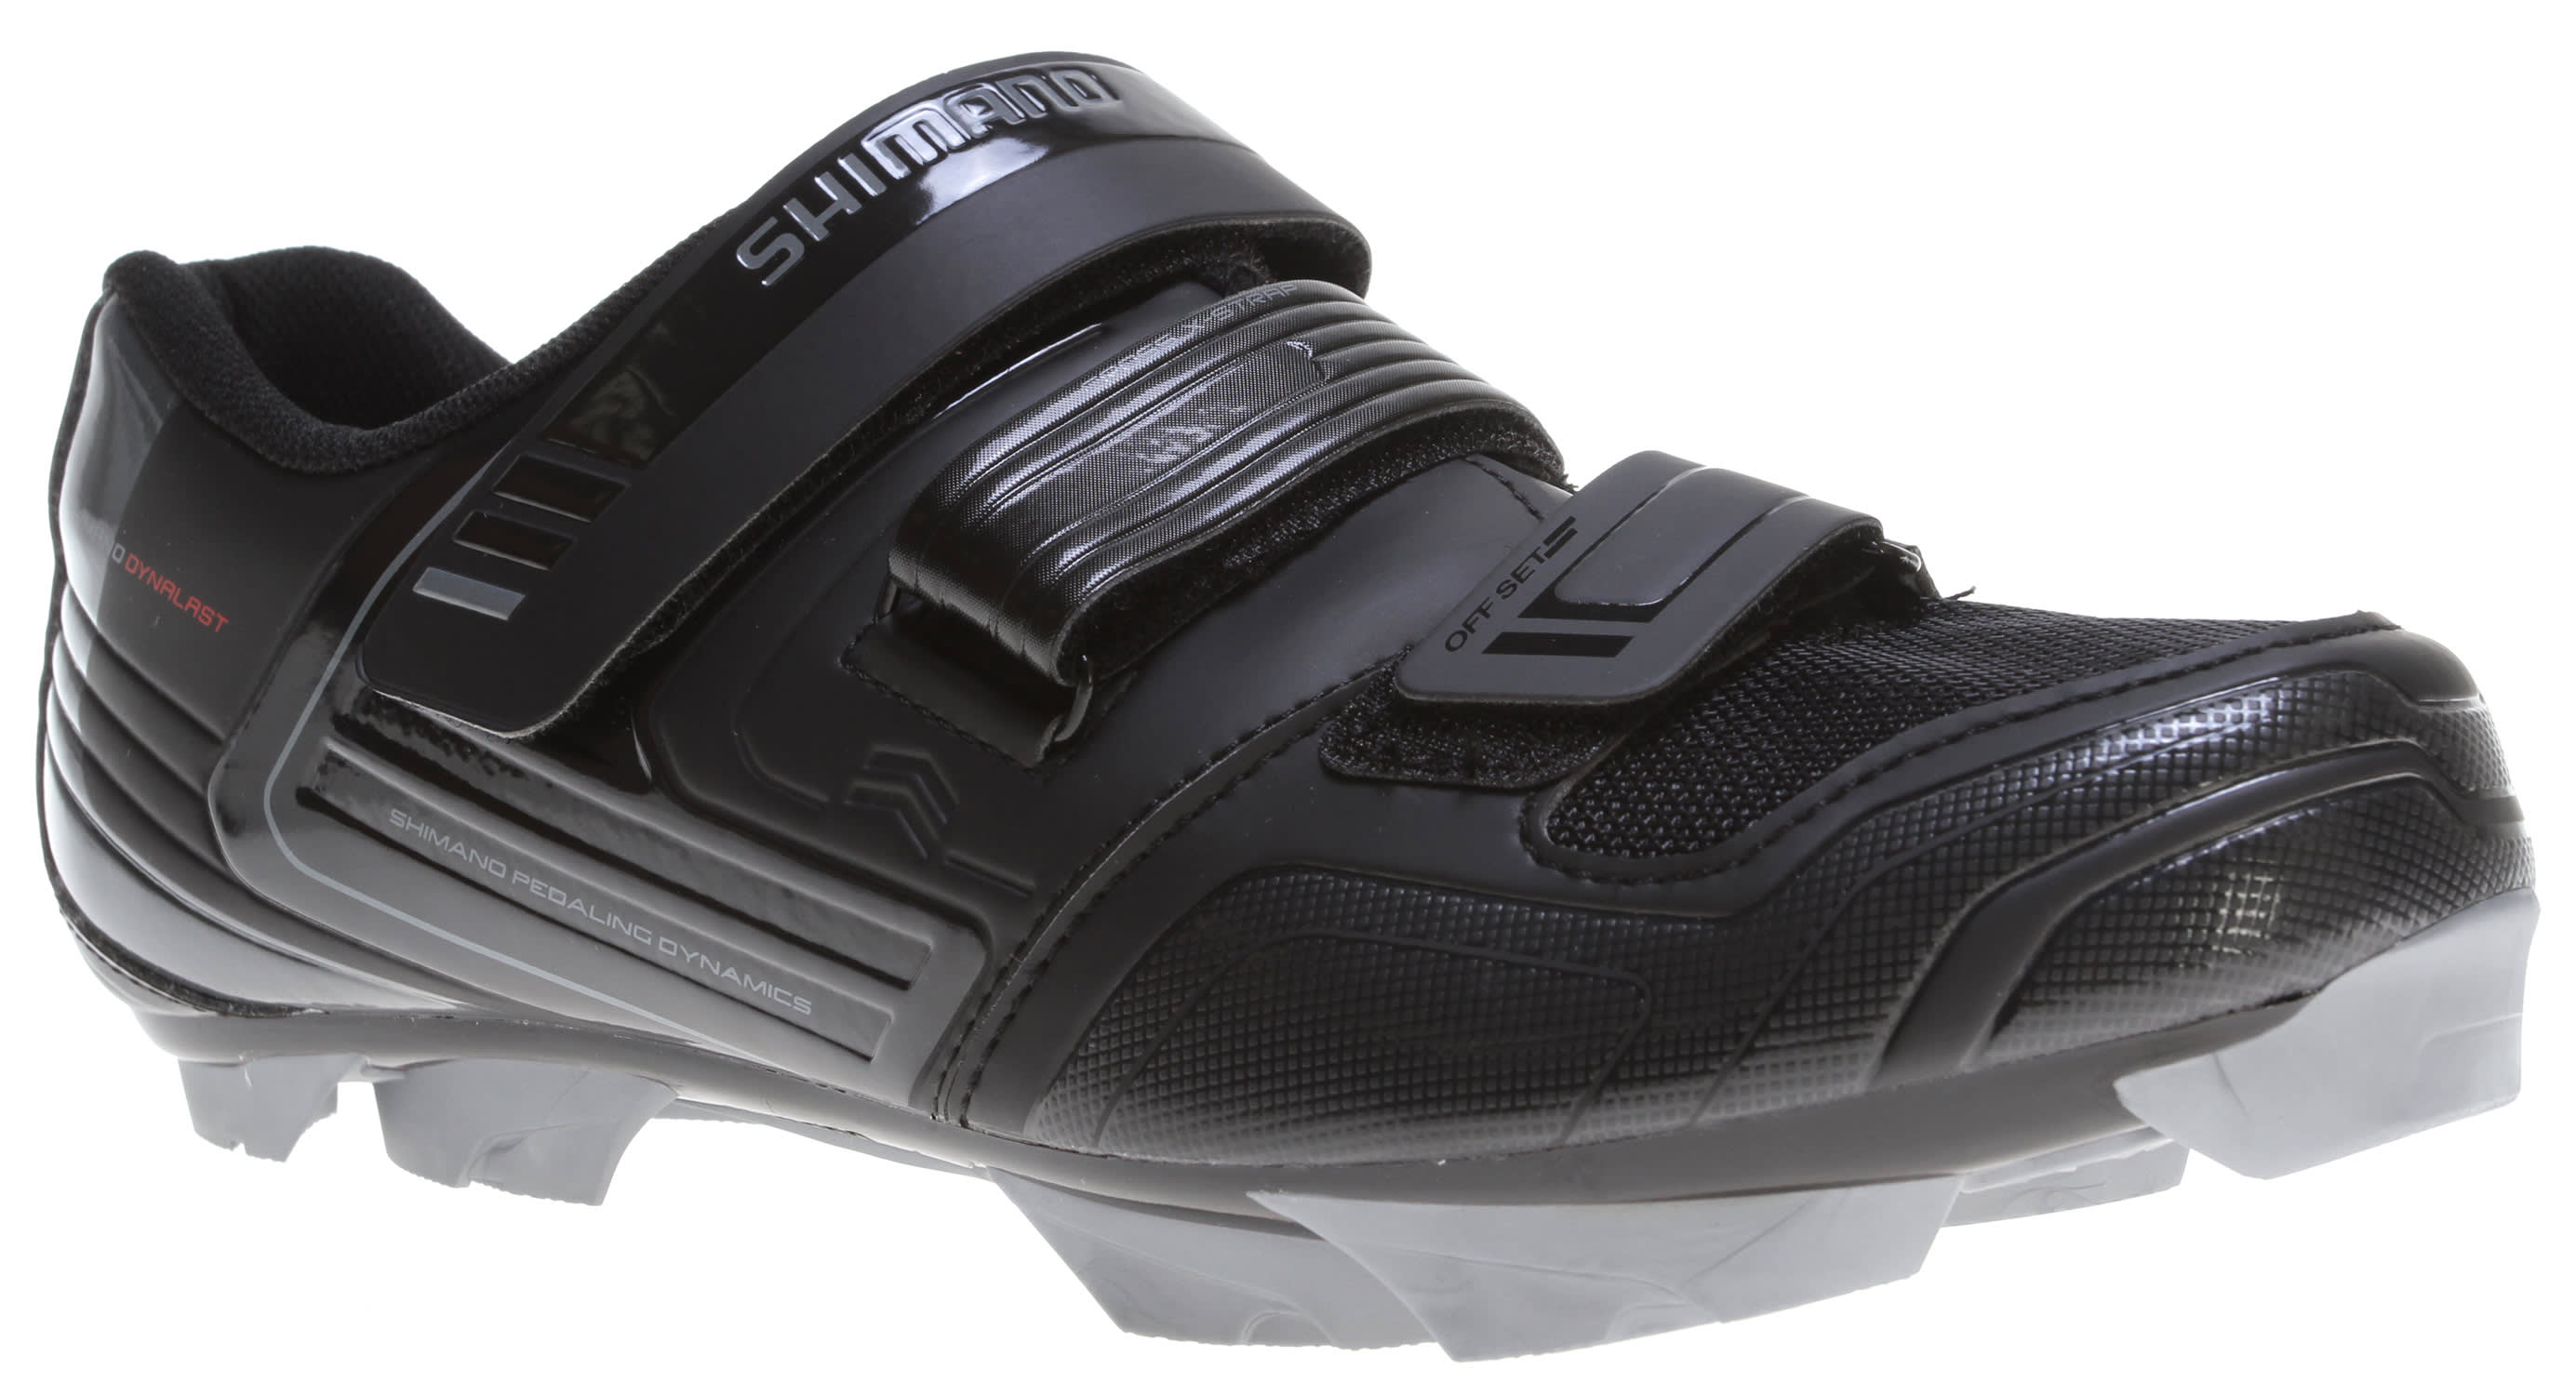 Shimano Cycling Shoe Sizing Reviews